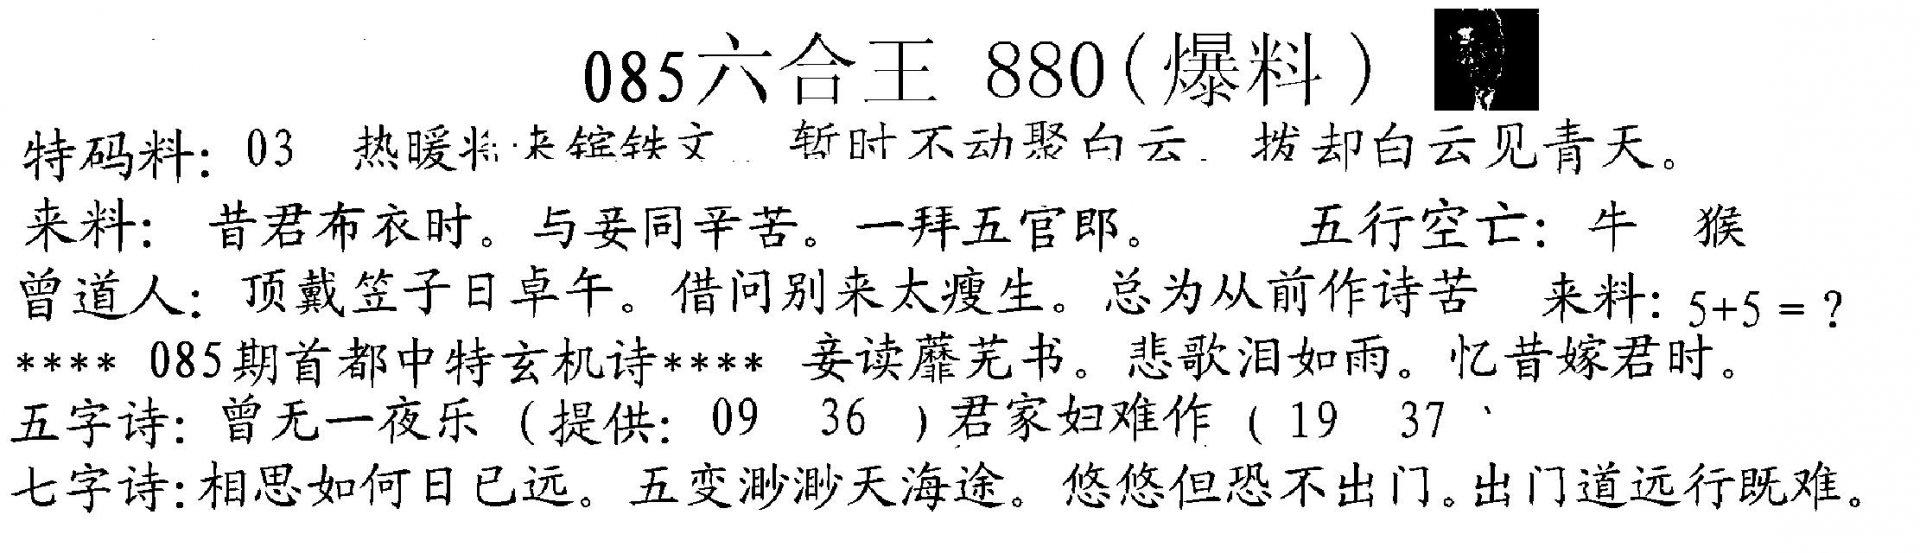 085期880来料(黑白)